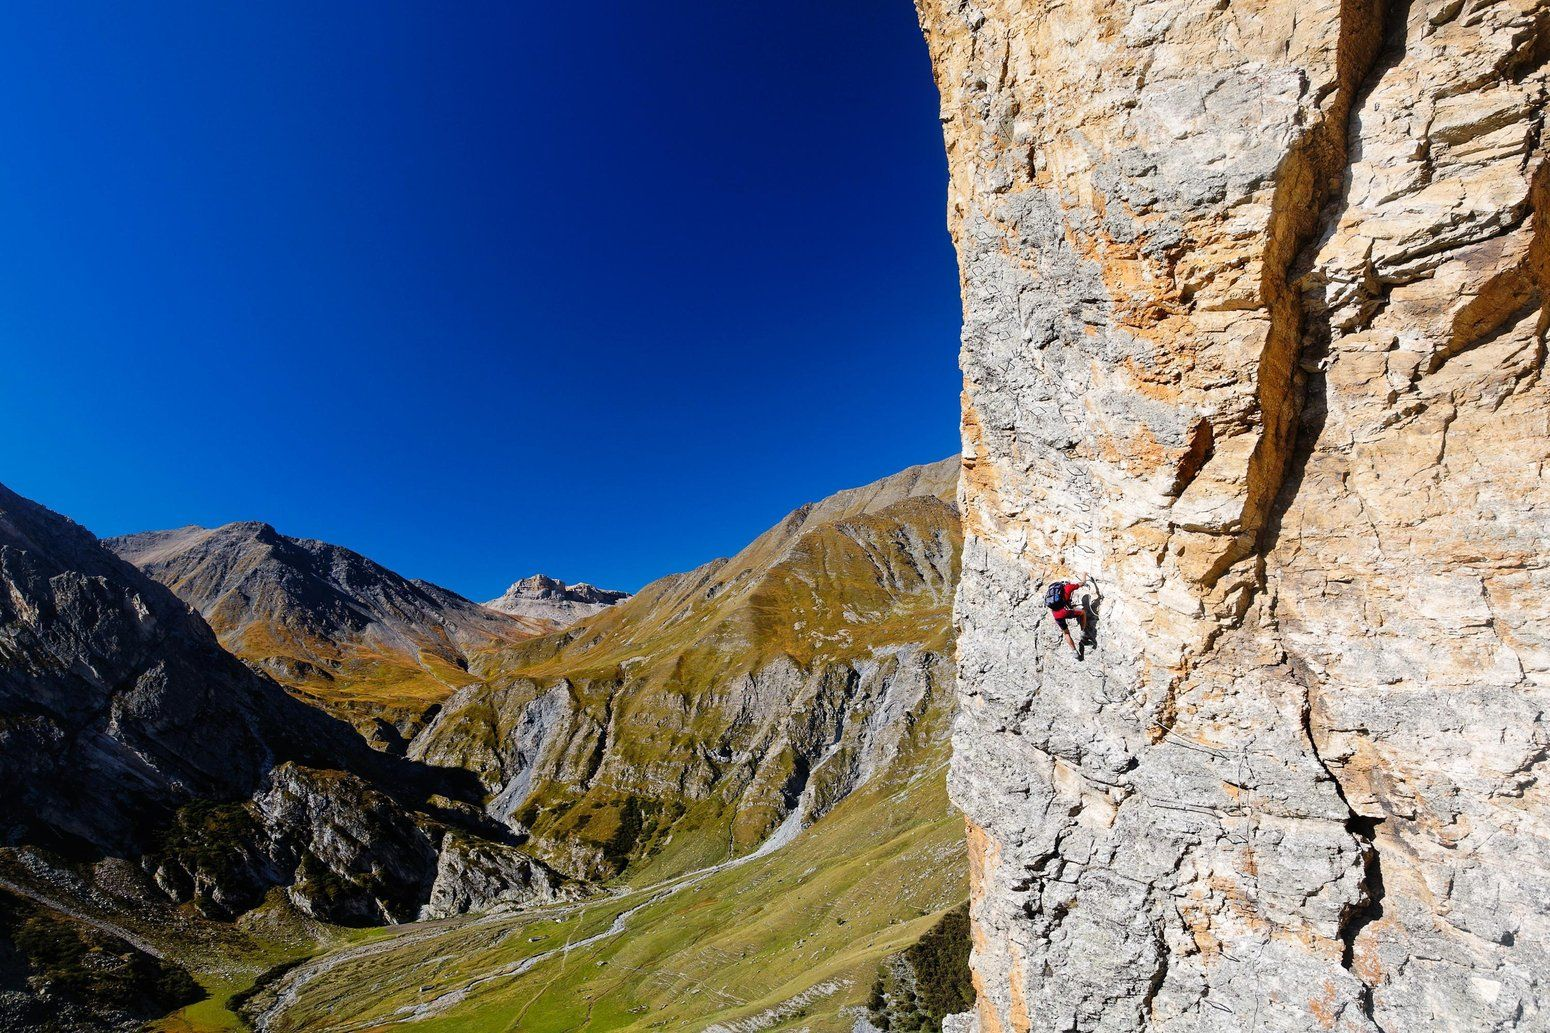 Klettersteig Yosemite : 8 klettersteige bei denen deine knie weich werden